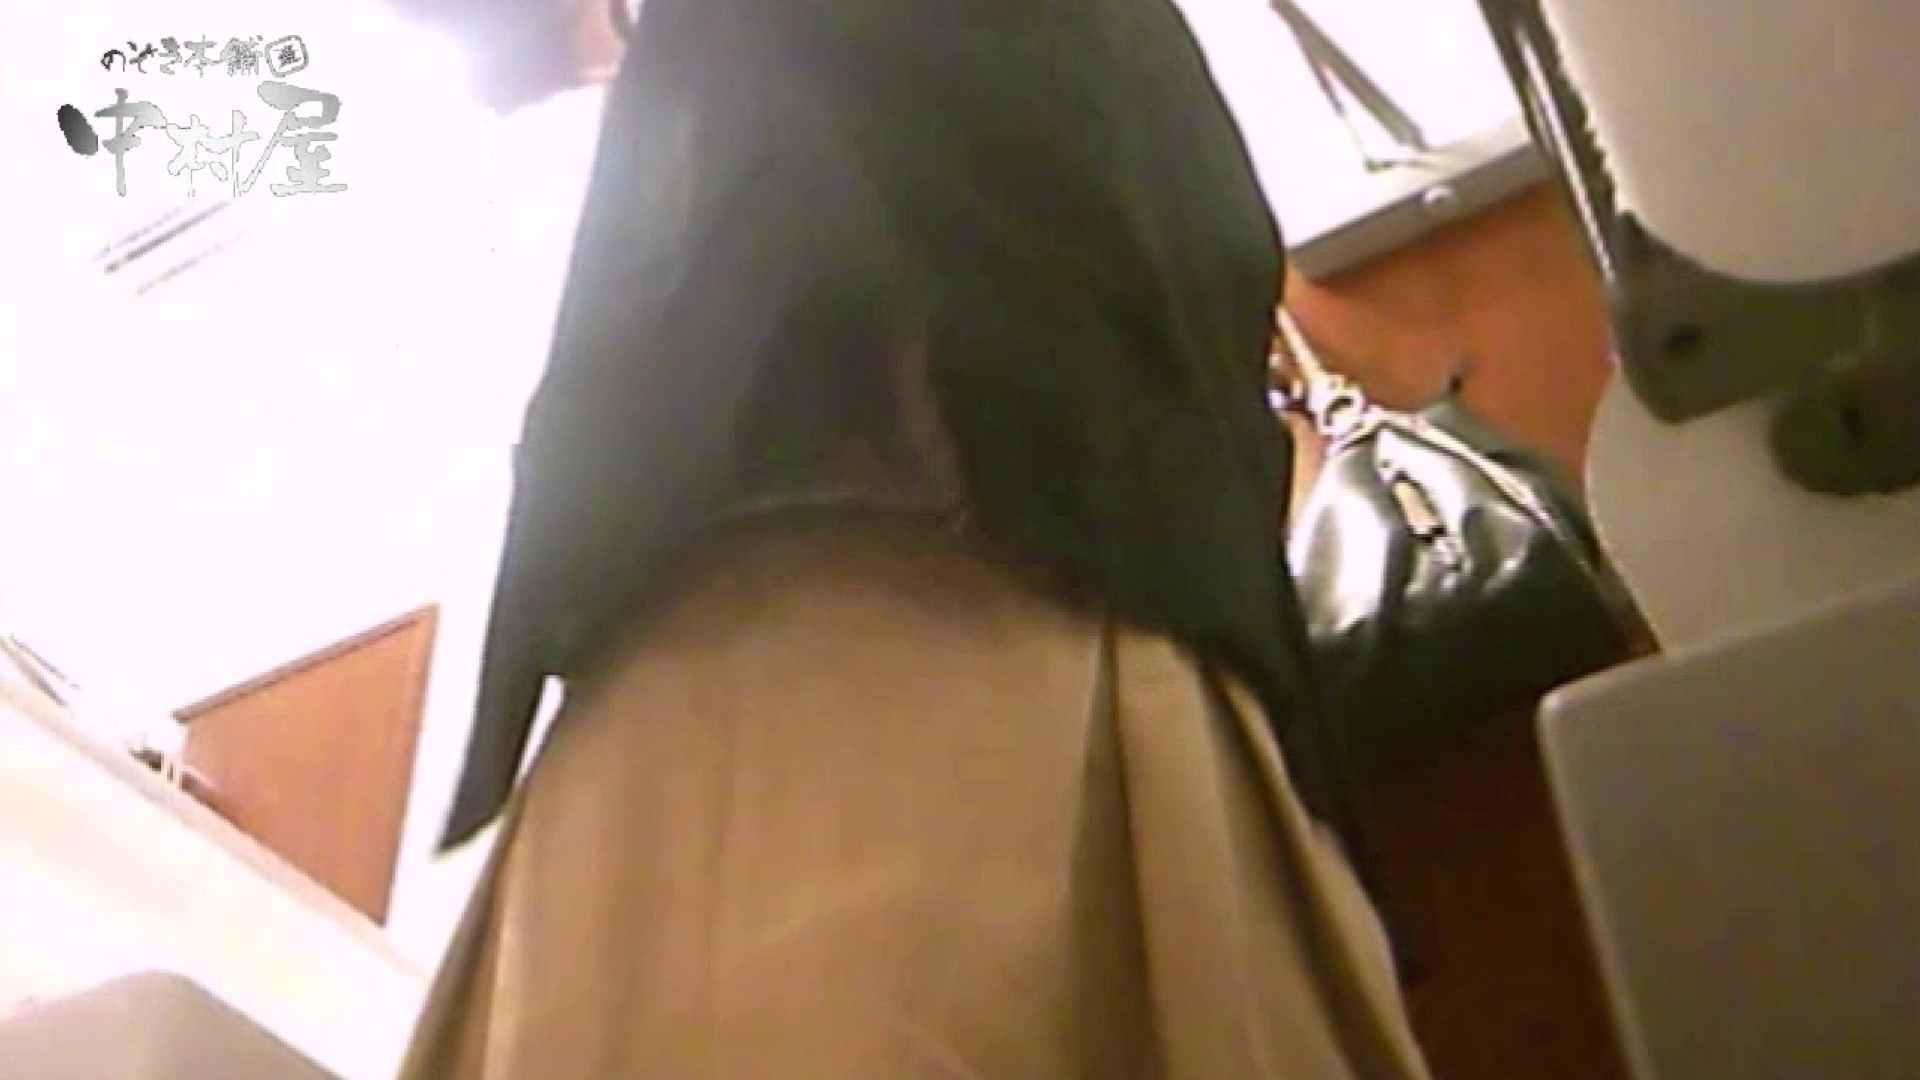 女子トイレ盗撮~某ファミレス編~vol.06 トイレの中の女の子 オマンコ無修正動画無料 90連発 68